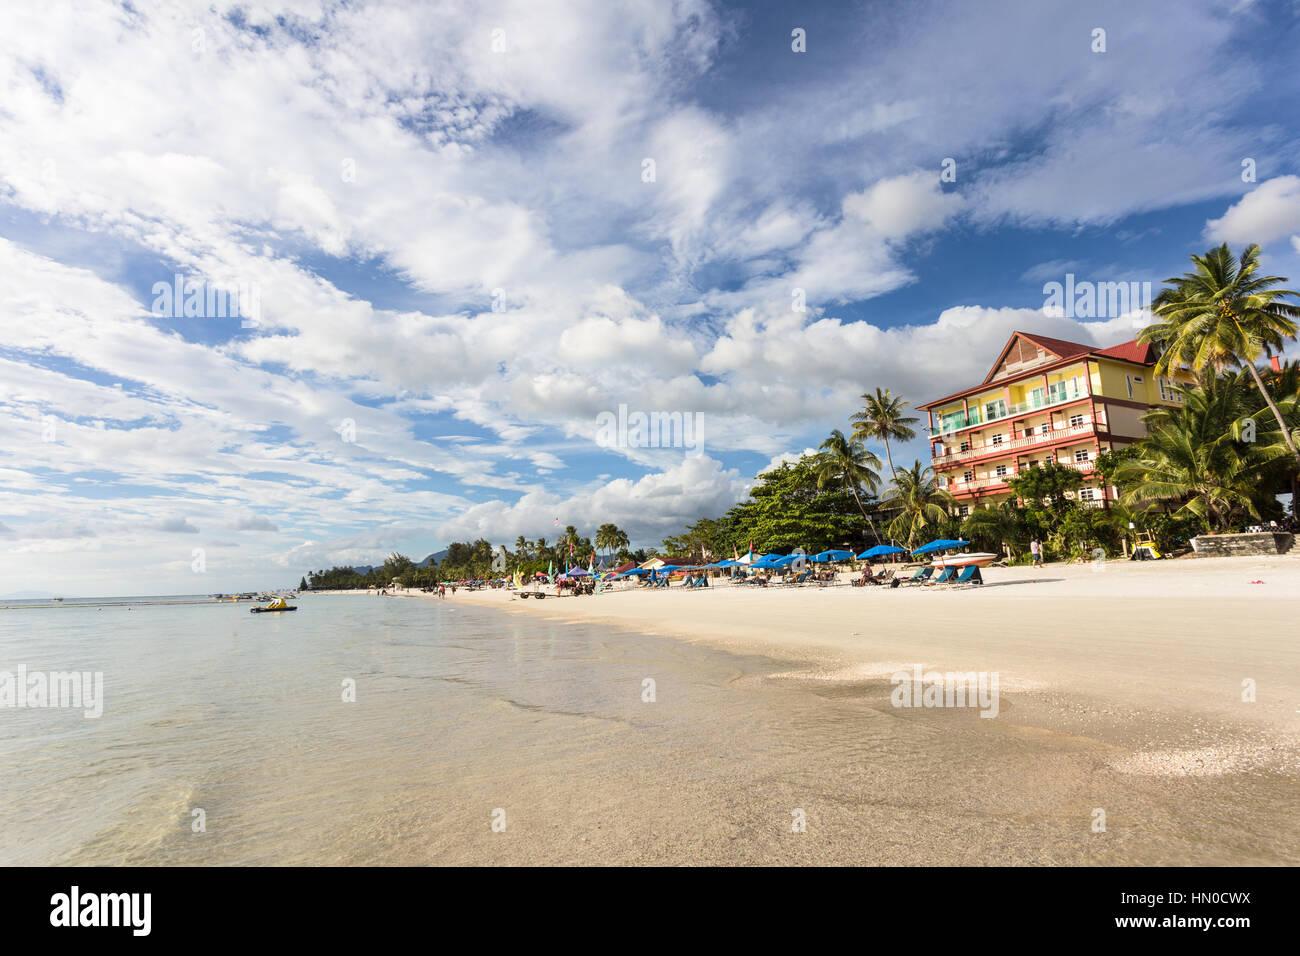 Pantai Cenang est la plage la plus populaire sur l'île de Langkawi le long de la mer d'Andaman en Malaisie Photo Stock